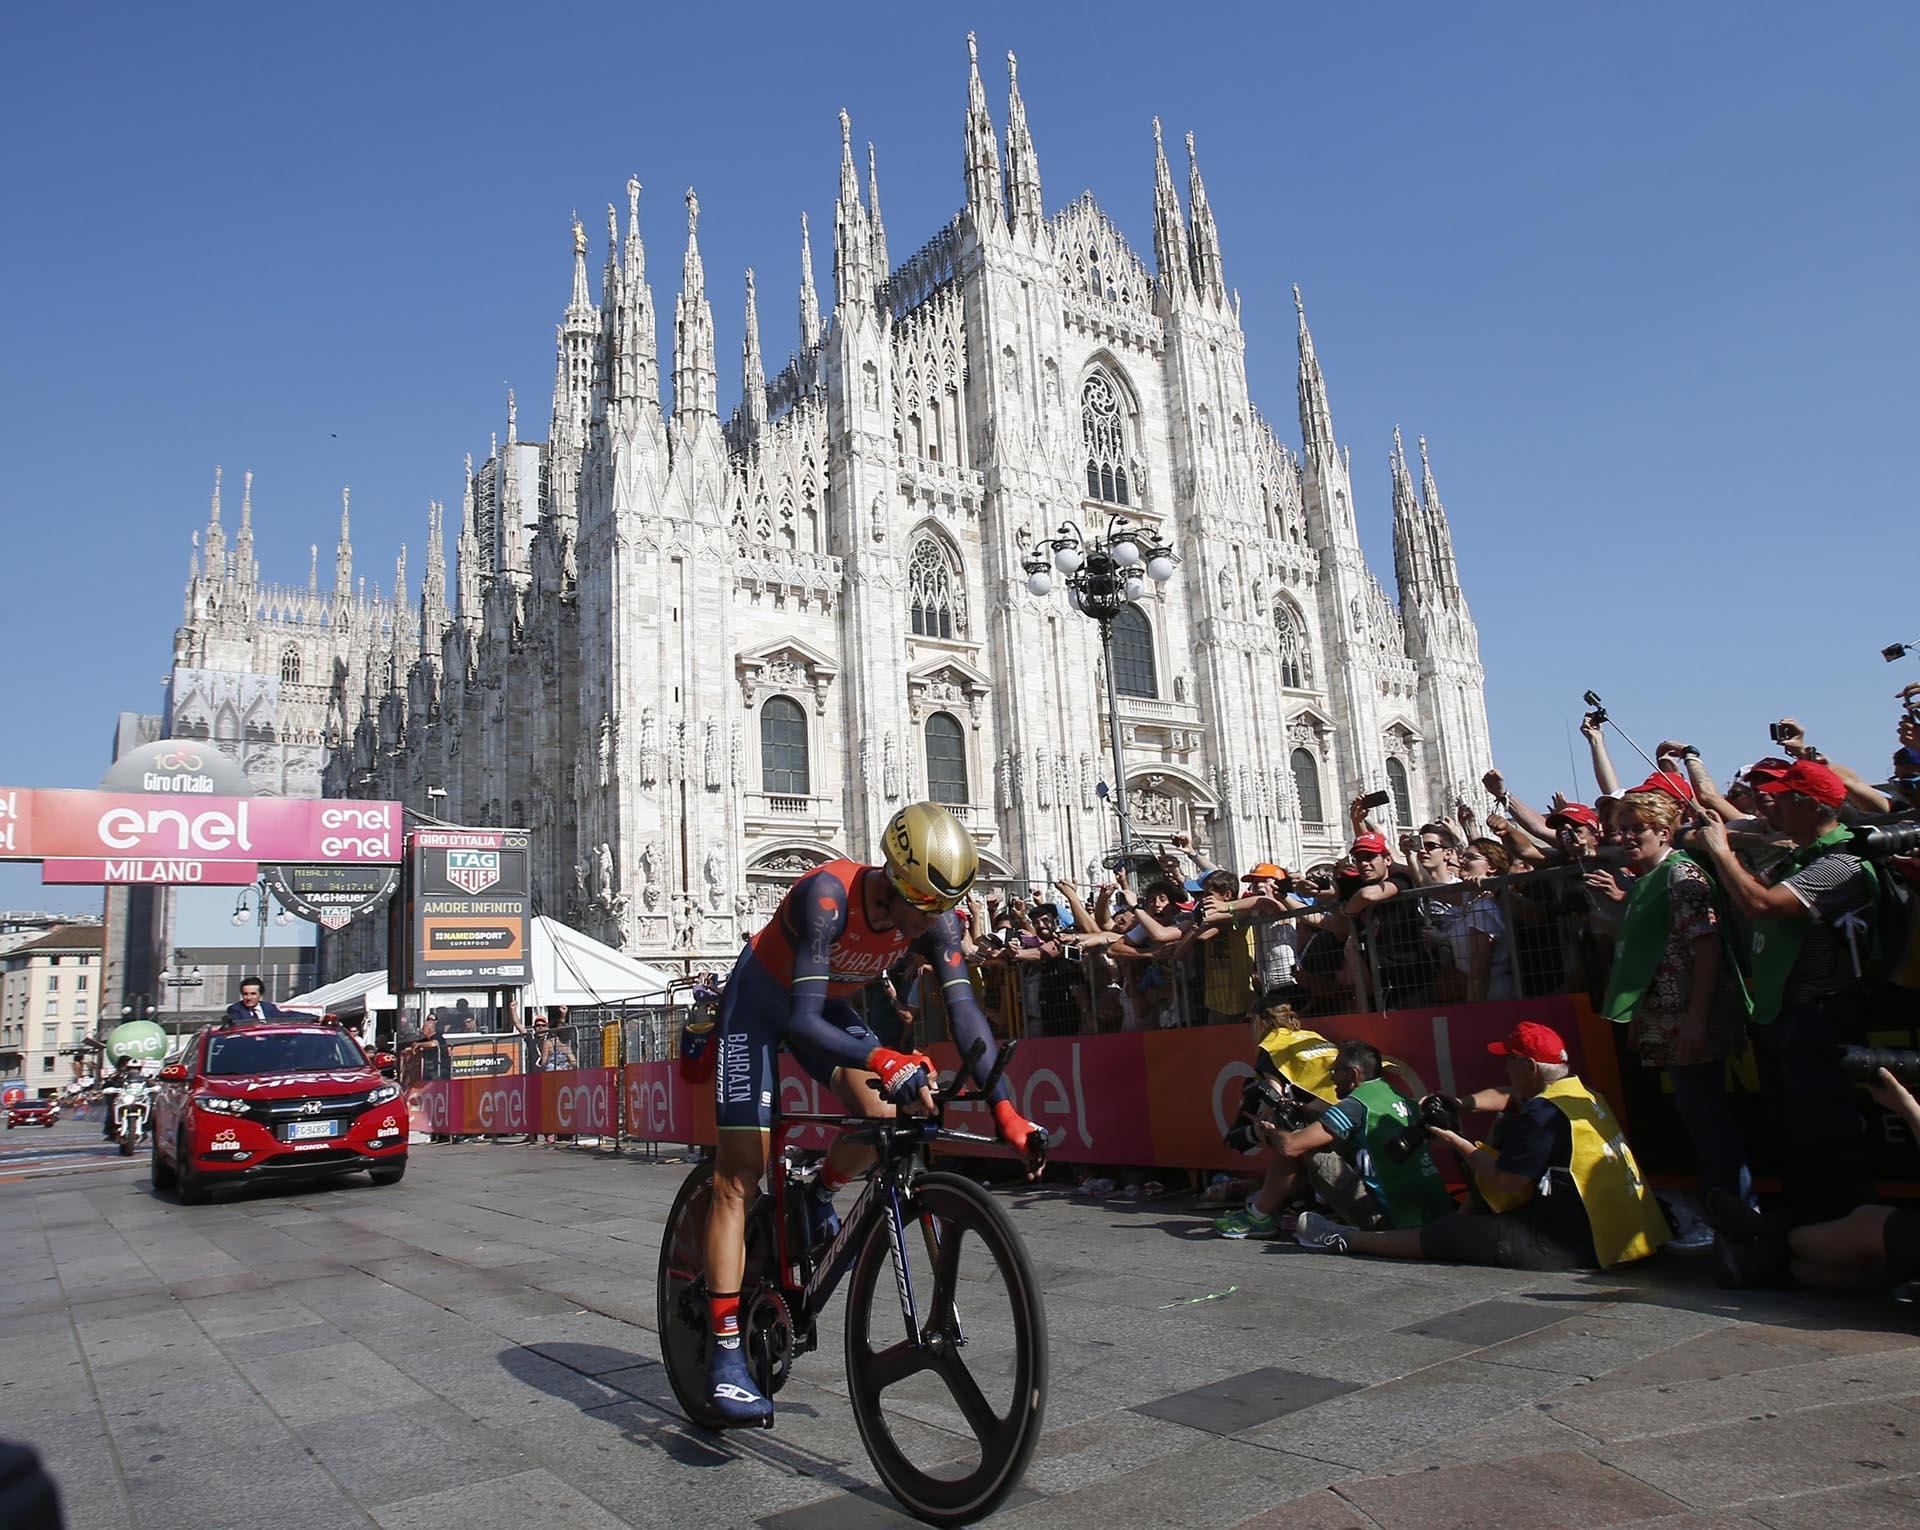 El italiano Vincenzo Nibaliterminó tercero